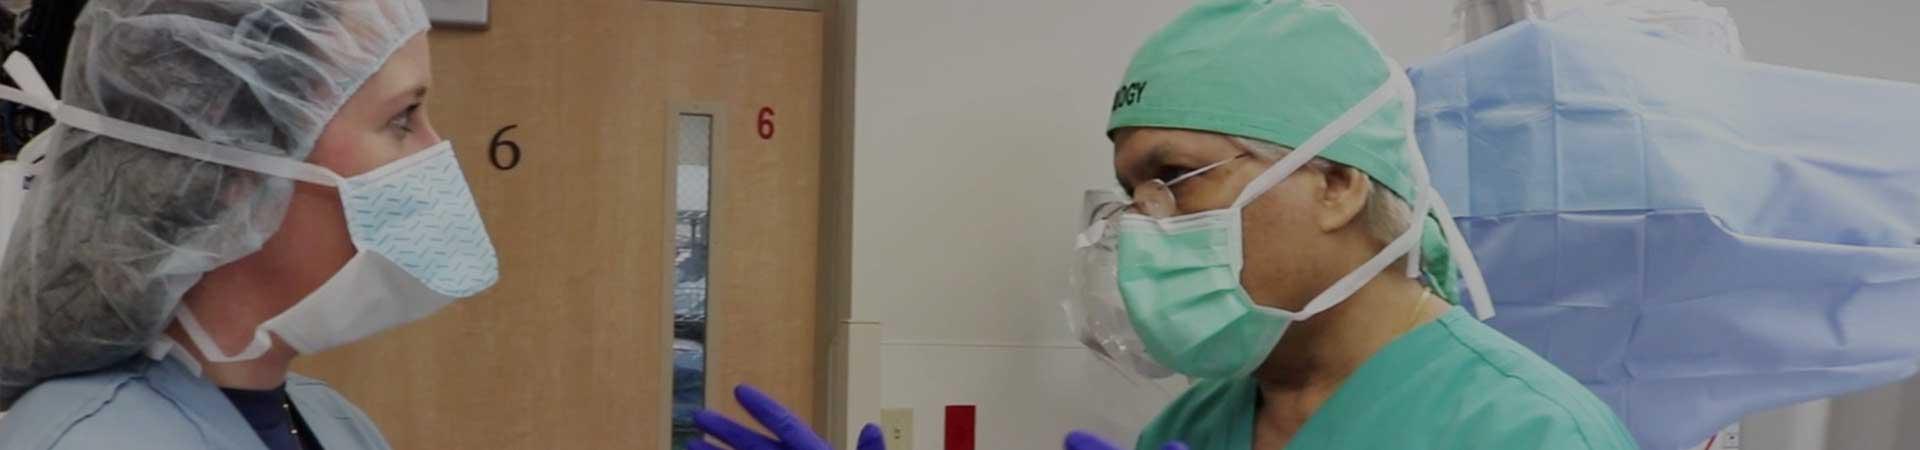 cirugía rápida de próstata con láser